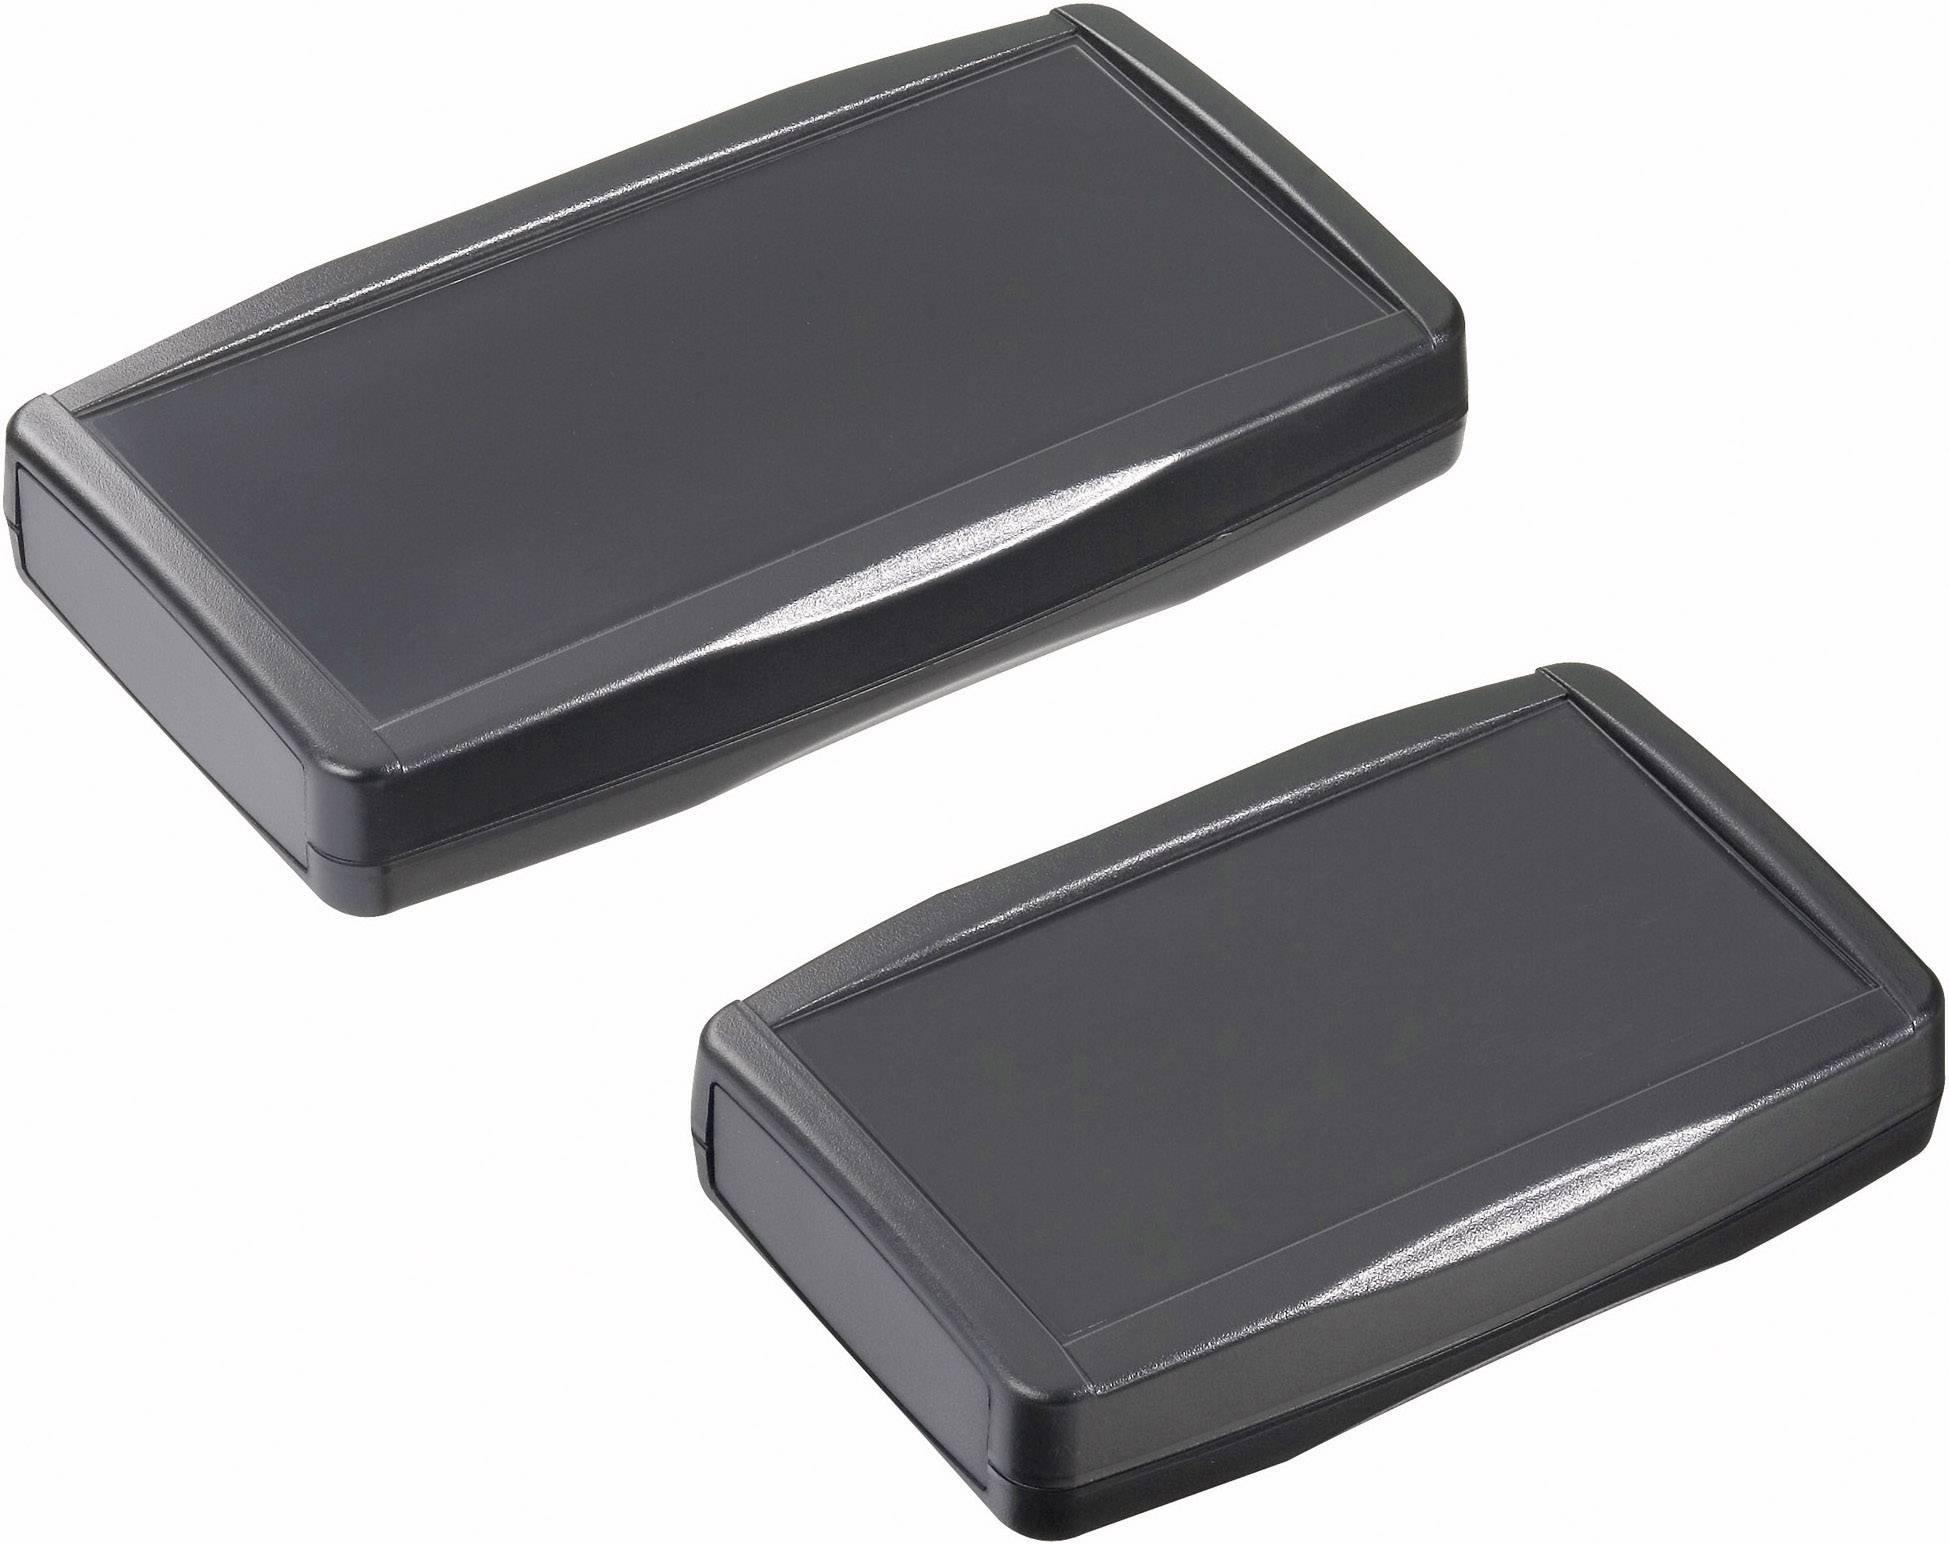 Univerzální pouzdro ABS Pactec XPL, 178 x 102 mm, černá (XPL)